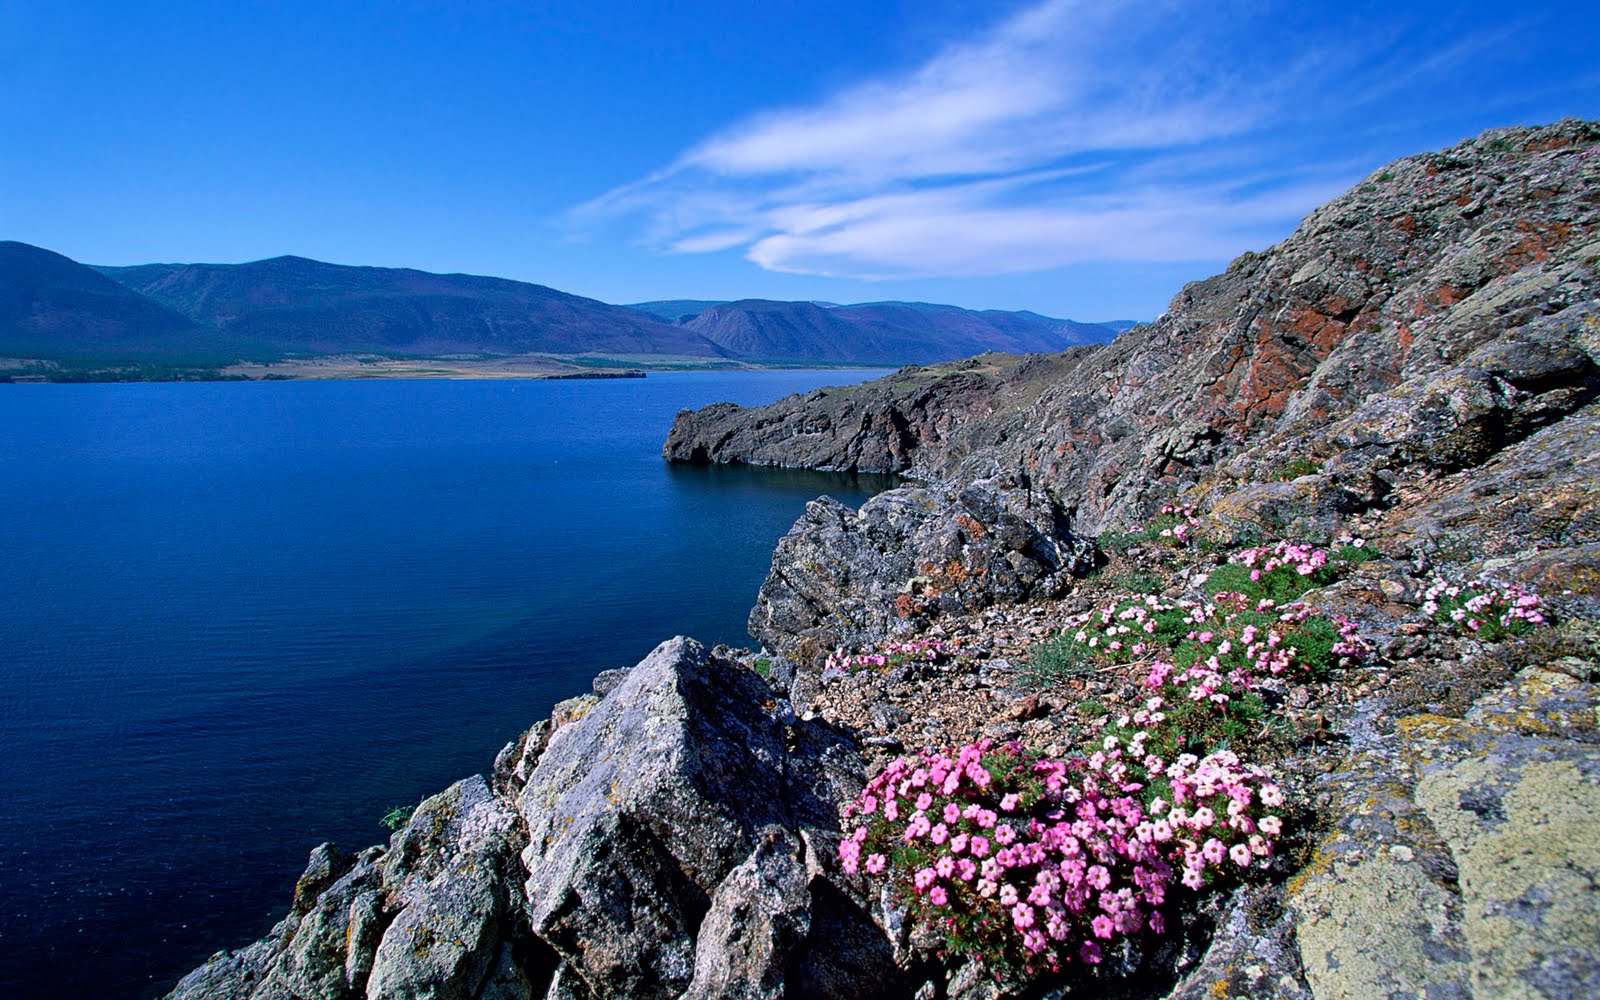 http://1.bp.blogspot.com/-CN0-epF7NFs/TwL5fwlRMwI/AAAAAAAABas/tDOeXwvPTU4/s1600/russia-wallpaper-hd-7-706851.jpg